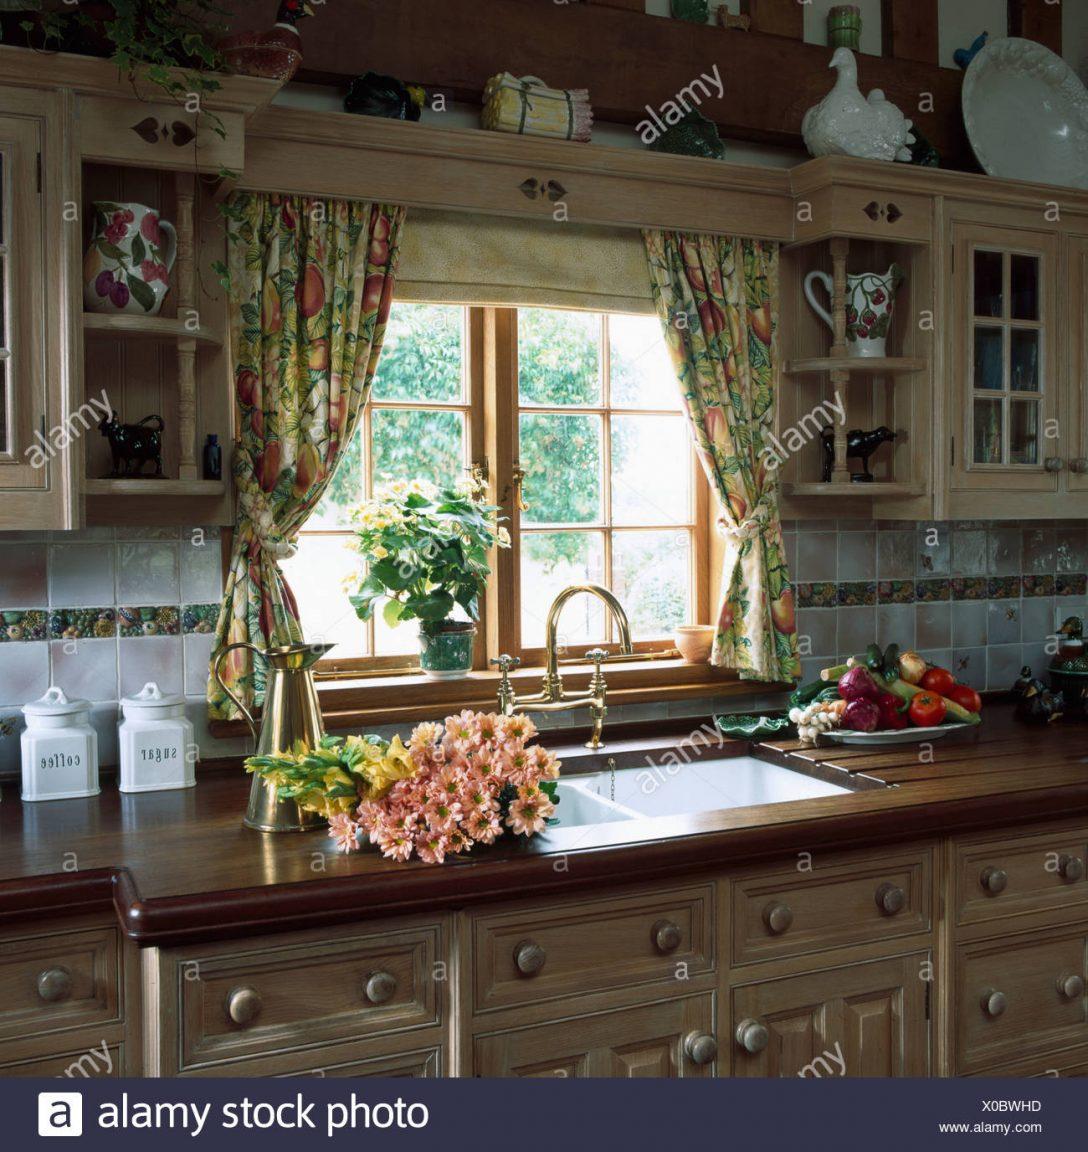 Large Size of Gardinen Dekorationsvorschläge Küche Gardine Küche Kräuselband Küche Gardinen Stoff Küche Gardinen Kurz Gardinen Küche Gardine Küche